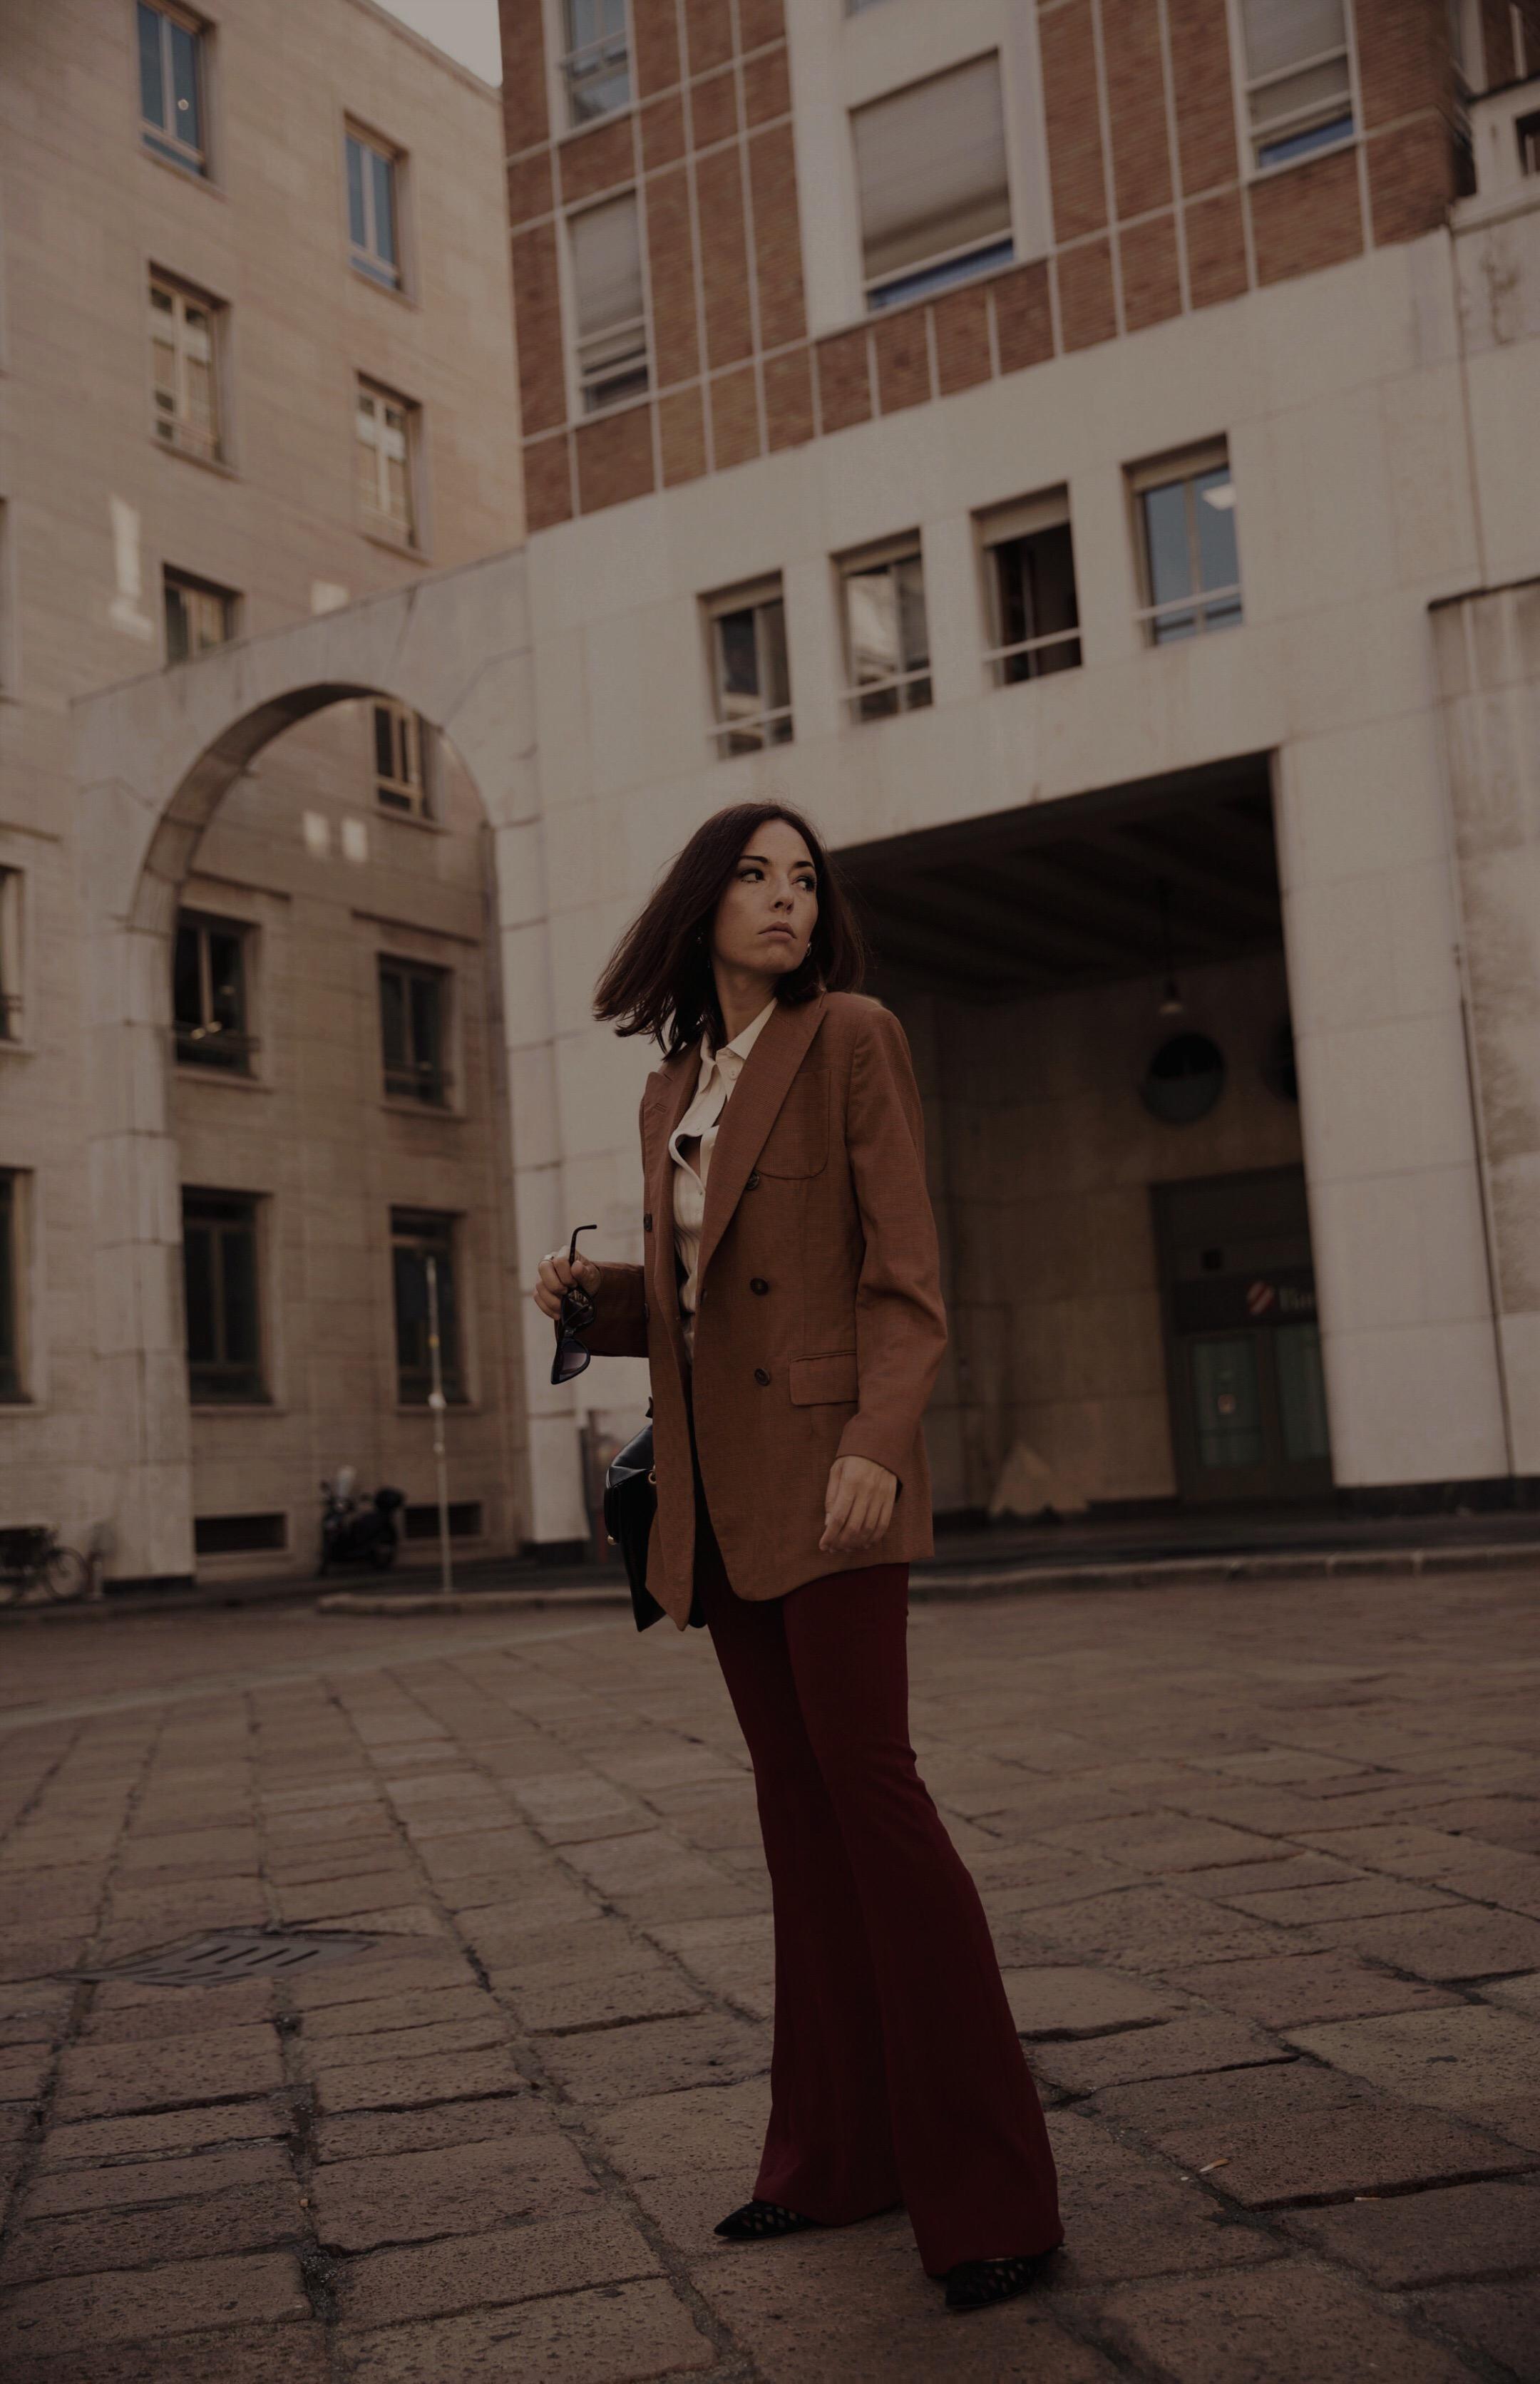 elisa bellino, come vestirsi autunno 2018, fashion blogger italia 2019, jil sander blazer, streetstyle milano settembre 2018, jw anderson bag pierce